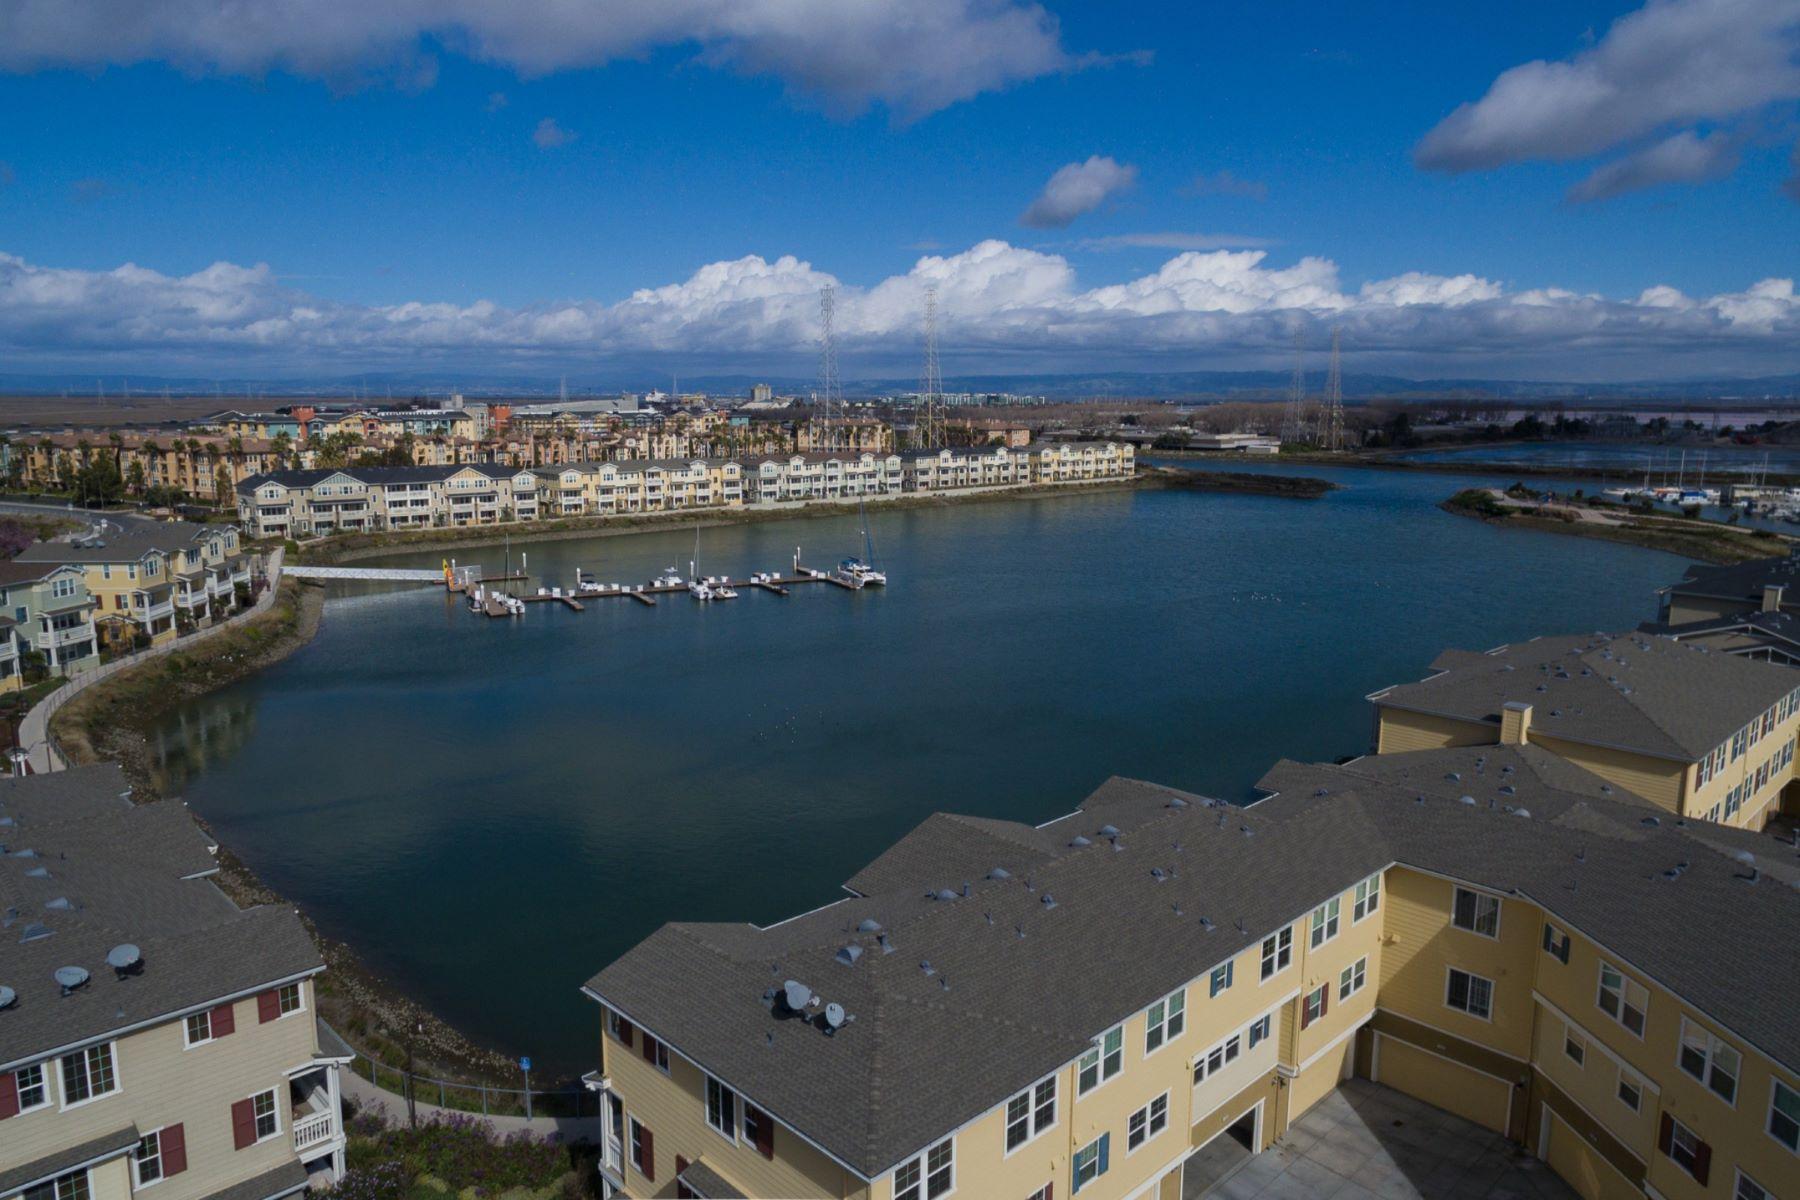 共管式独立产权公寓 为 销售 在 One Marina Condo Living 635 True Wind, #509, 雷德伍德城, 加利福尼亚州, 94063 美国